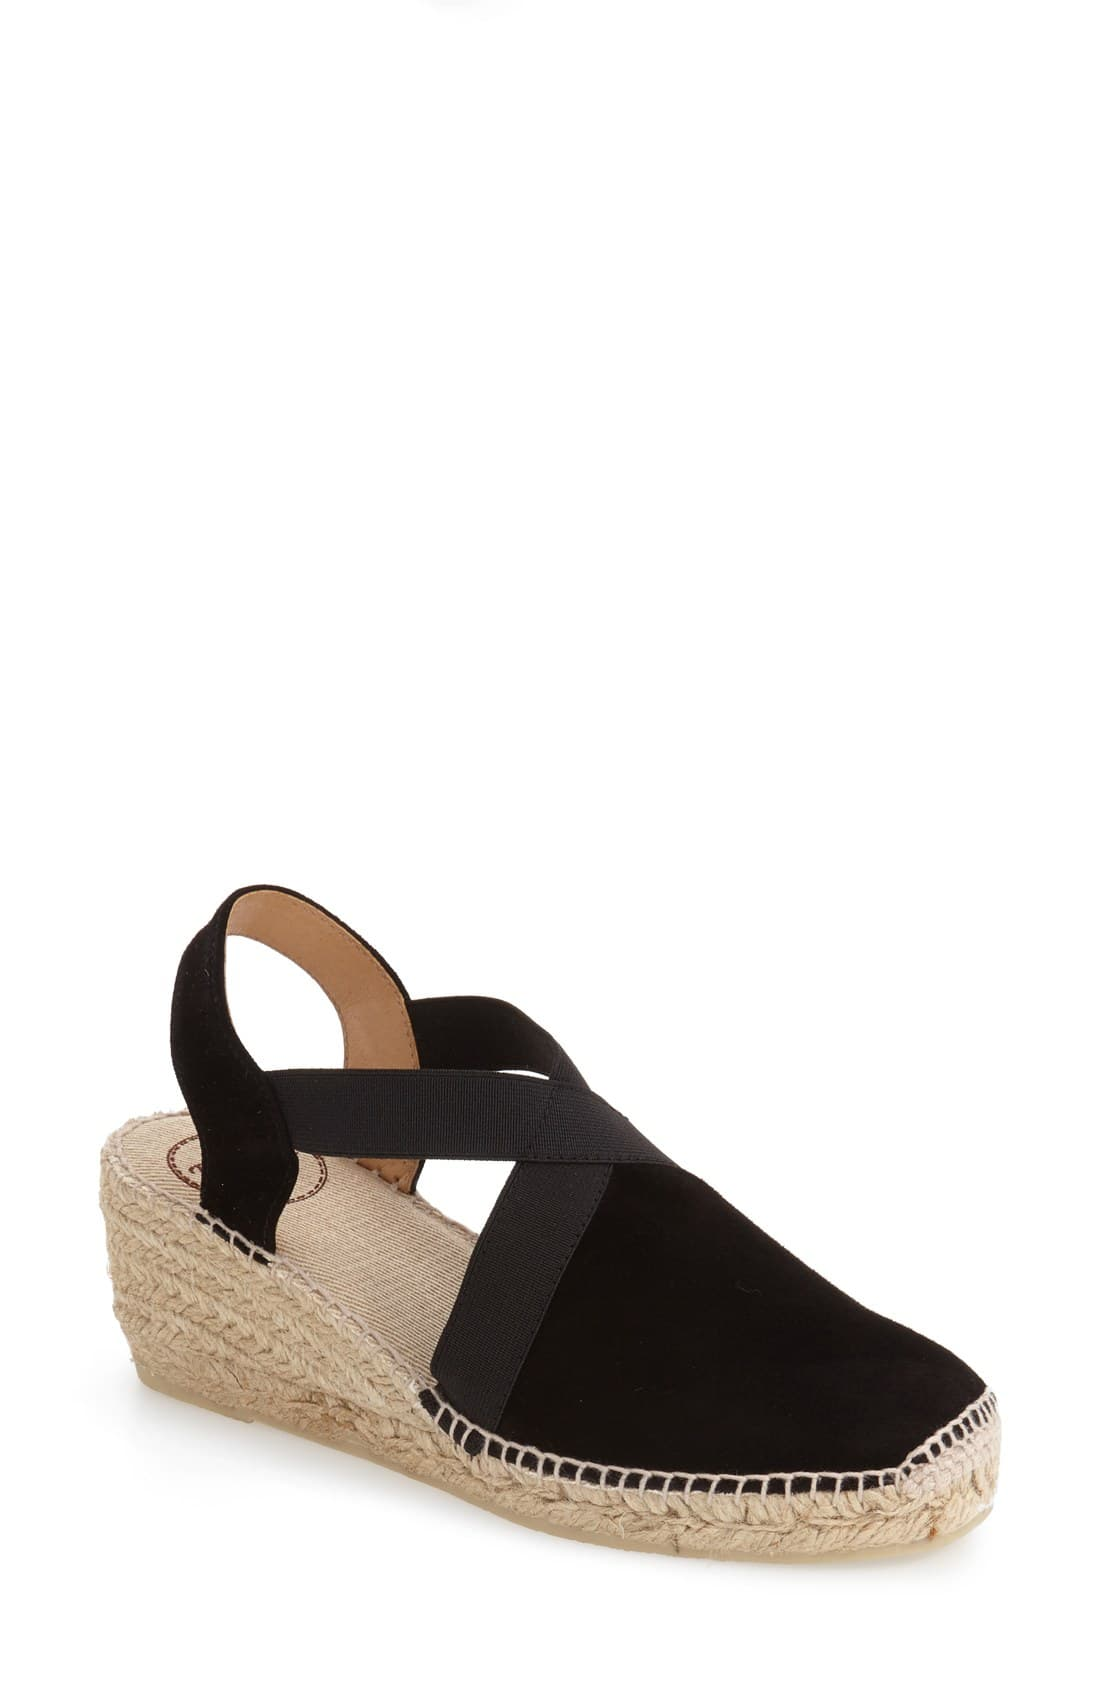 7e3983c0 Women's Toni Pons Tona Espadrille Wedge, Size 5.5-6US / 36EU - Black Black